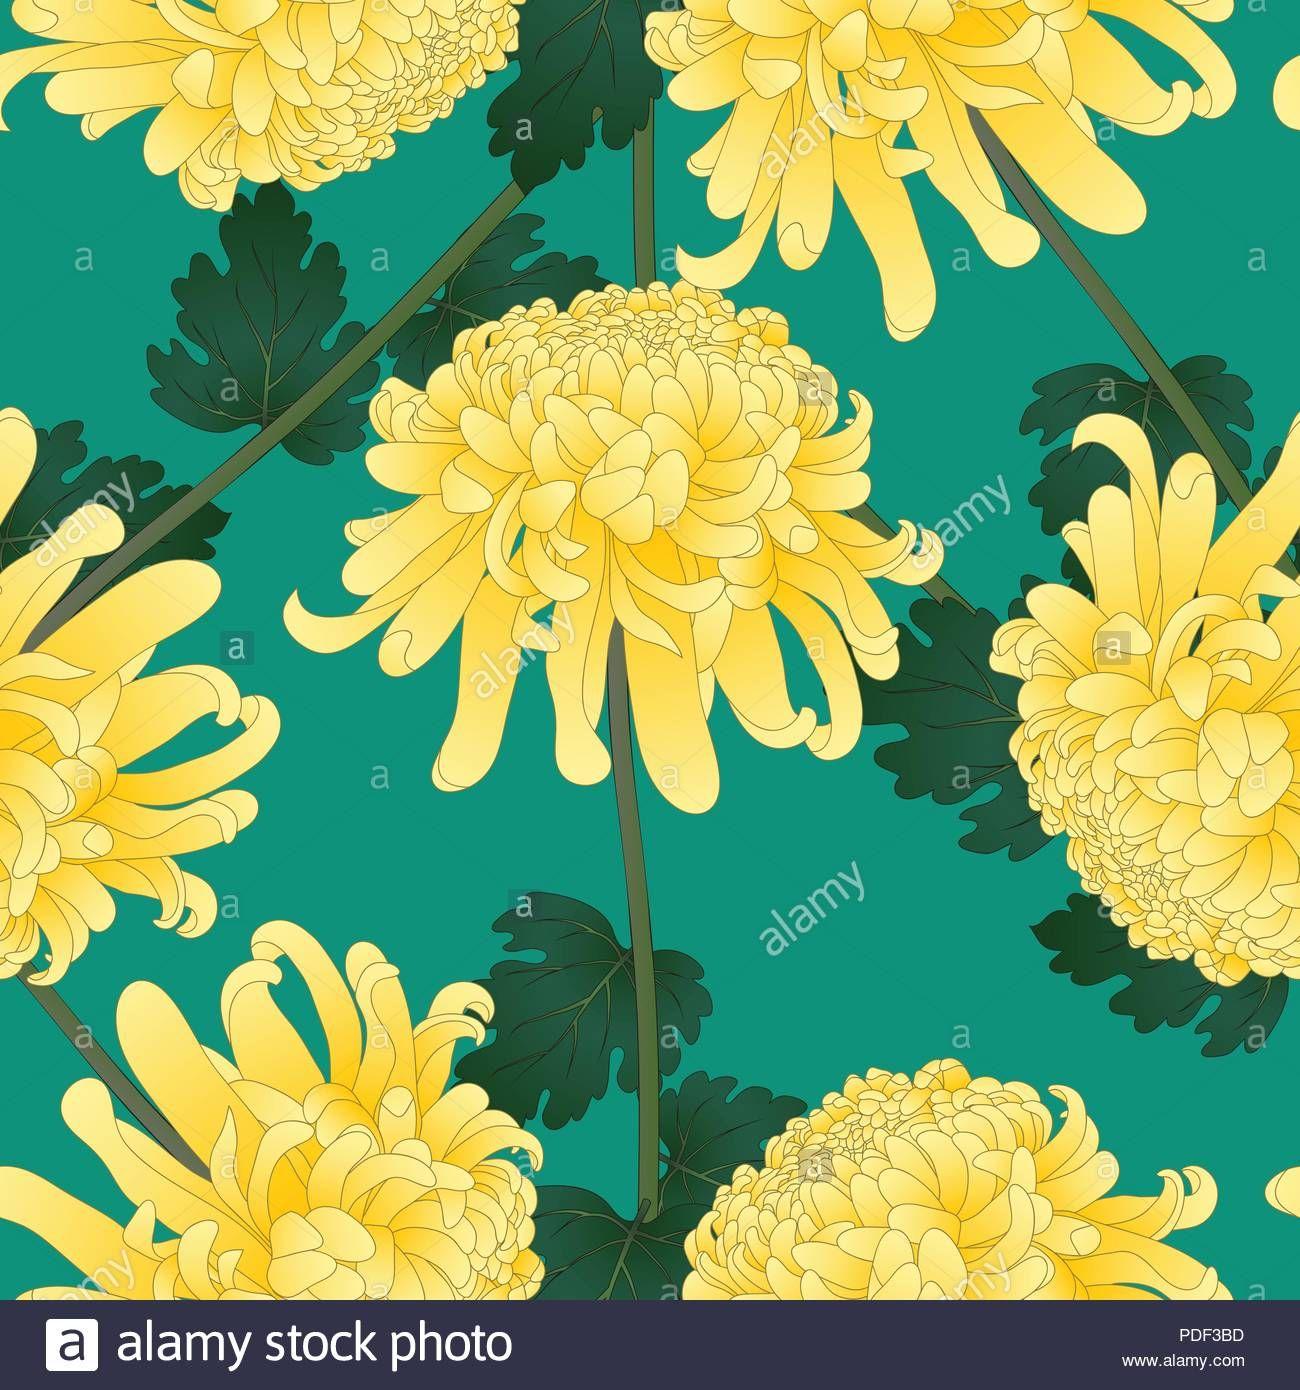 Download This Stock Vector Yellow Chrysanthemum Kiku Japanese Flower On Green Teal Background Vector Japanese Flowers Yellow Chrysanthemum Flower Wallpaper